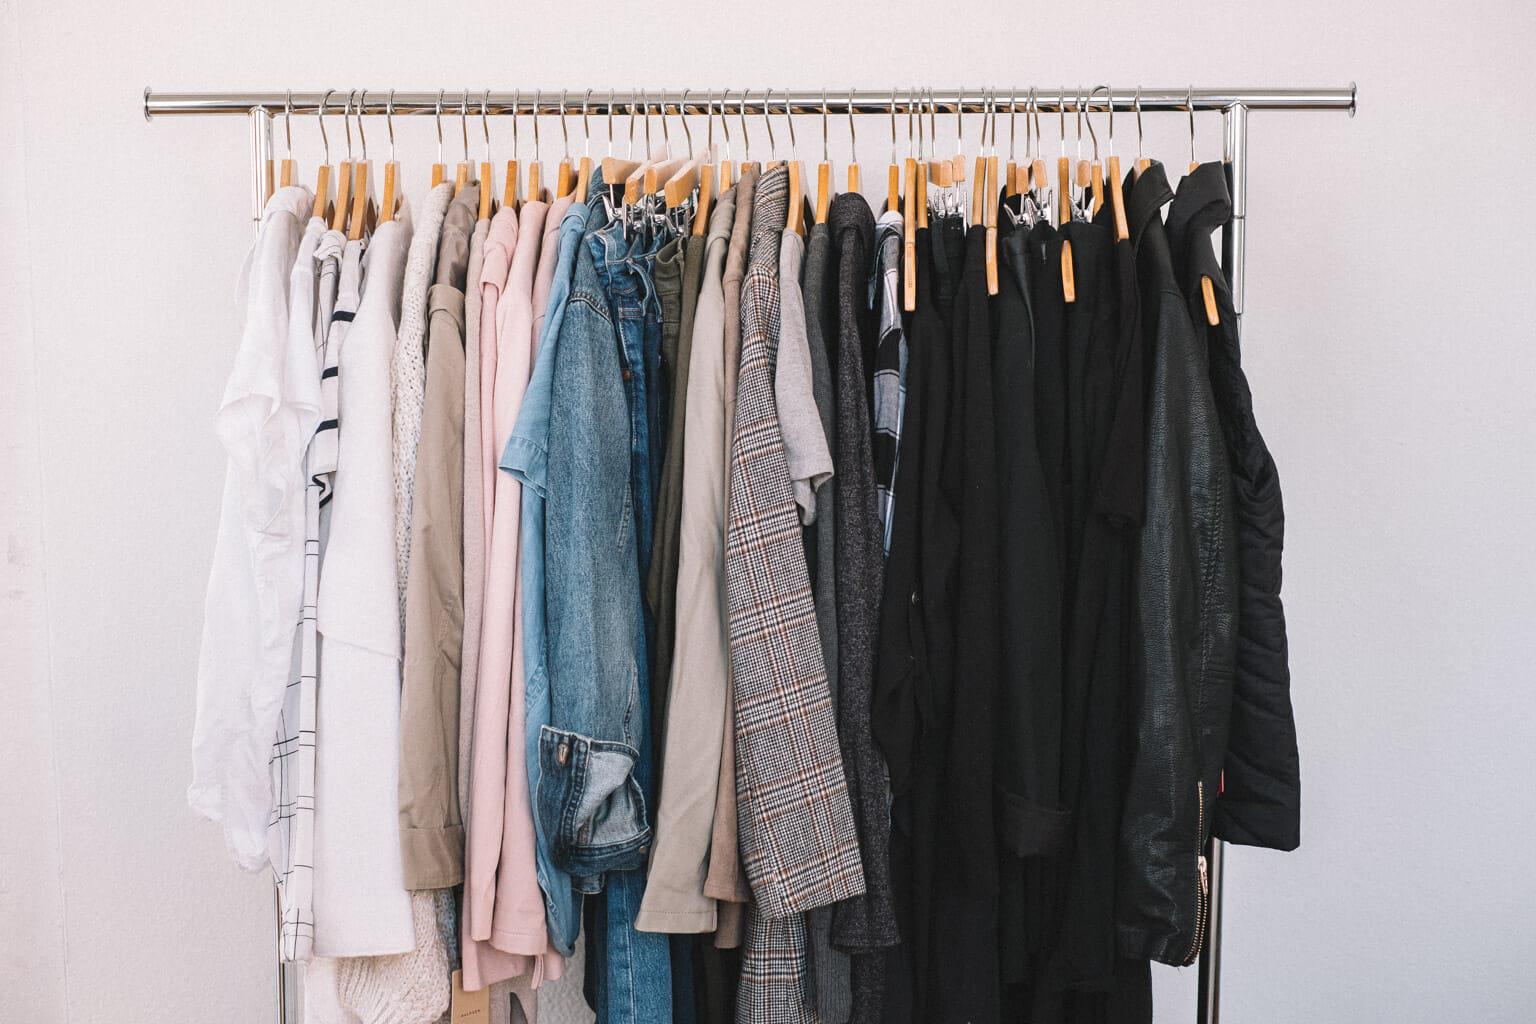 Idées Rangement Garde Robe minimalisme] désencombrer sa penderie grâce à une garde-robe